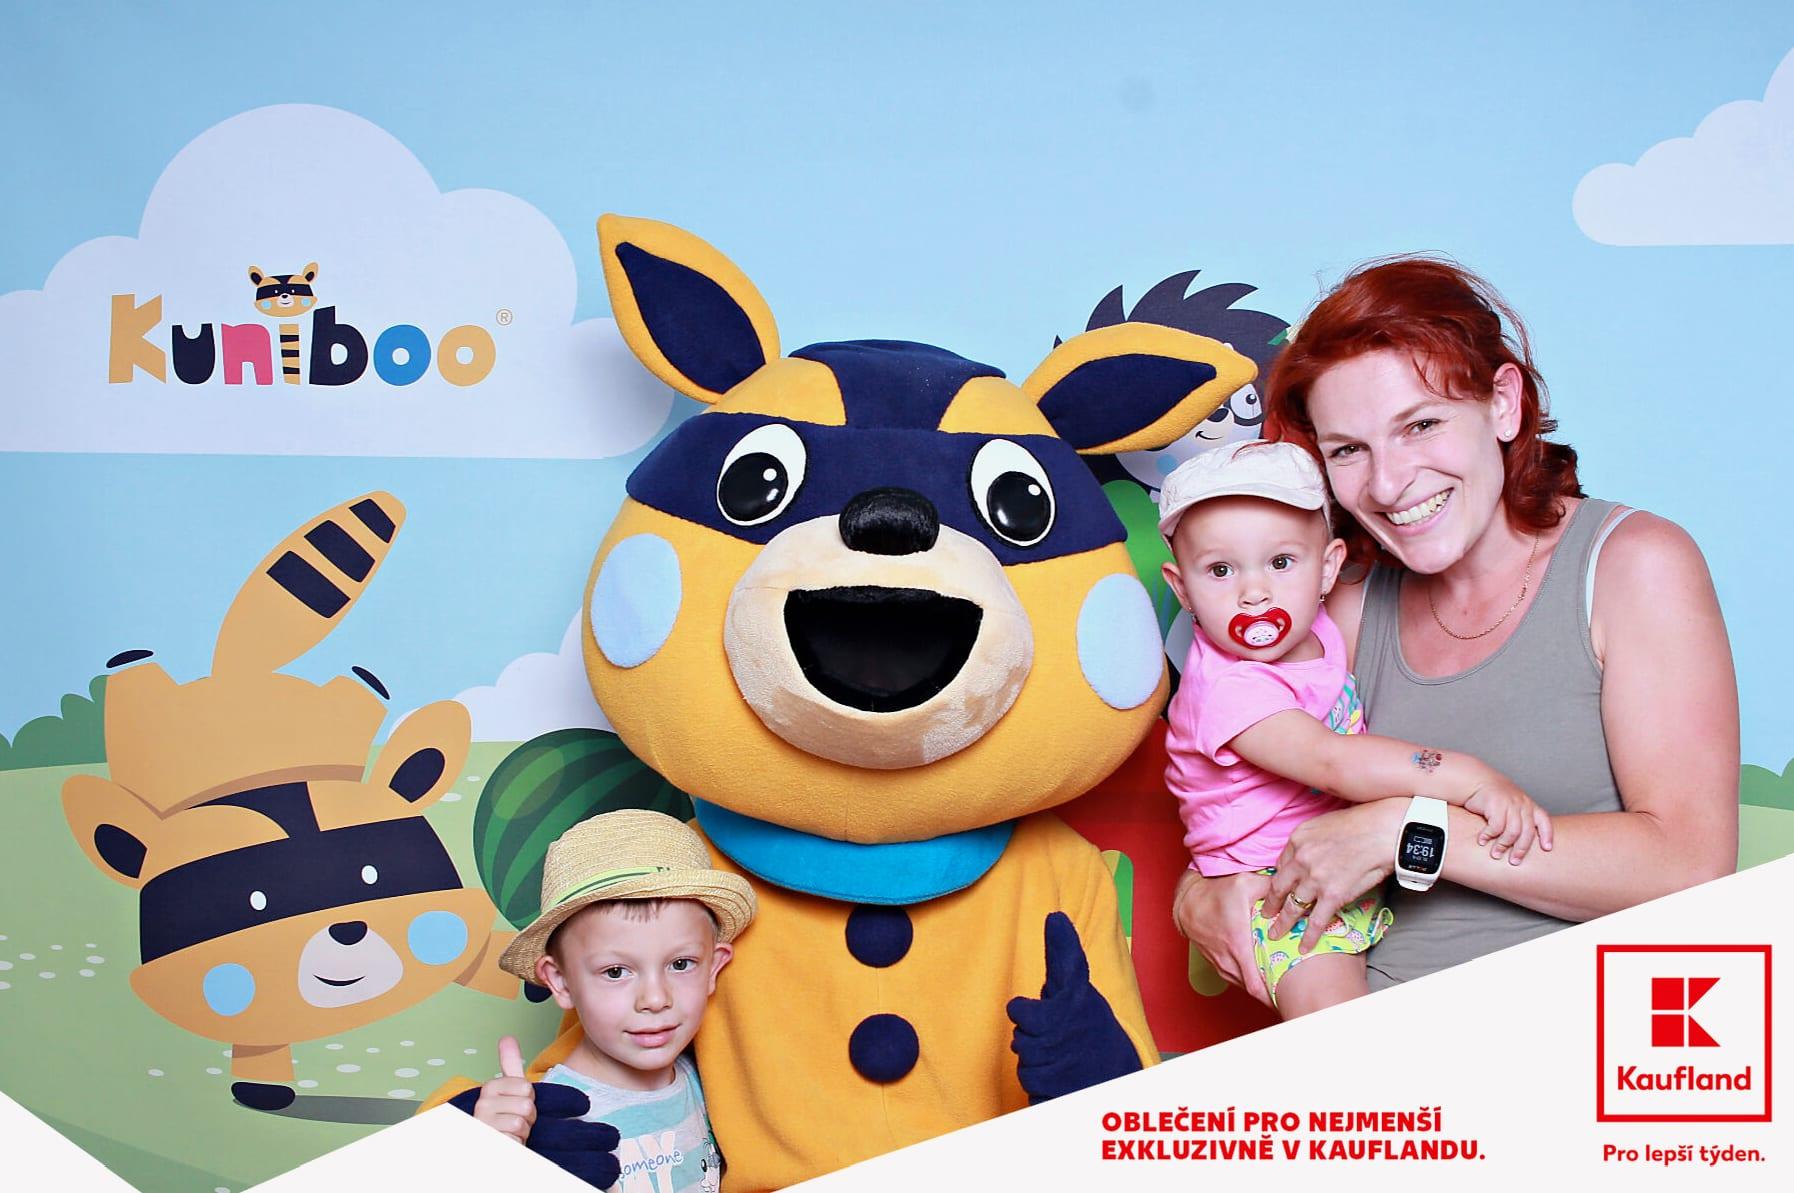 fotokoutek-family-day-praha-kaufland-27-6-2019-639038